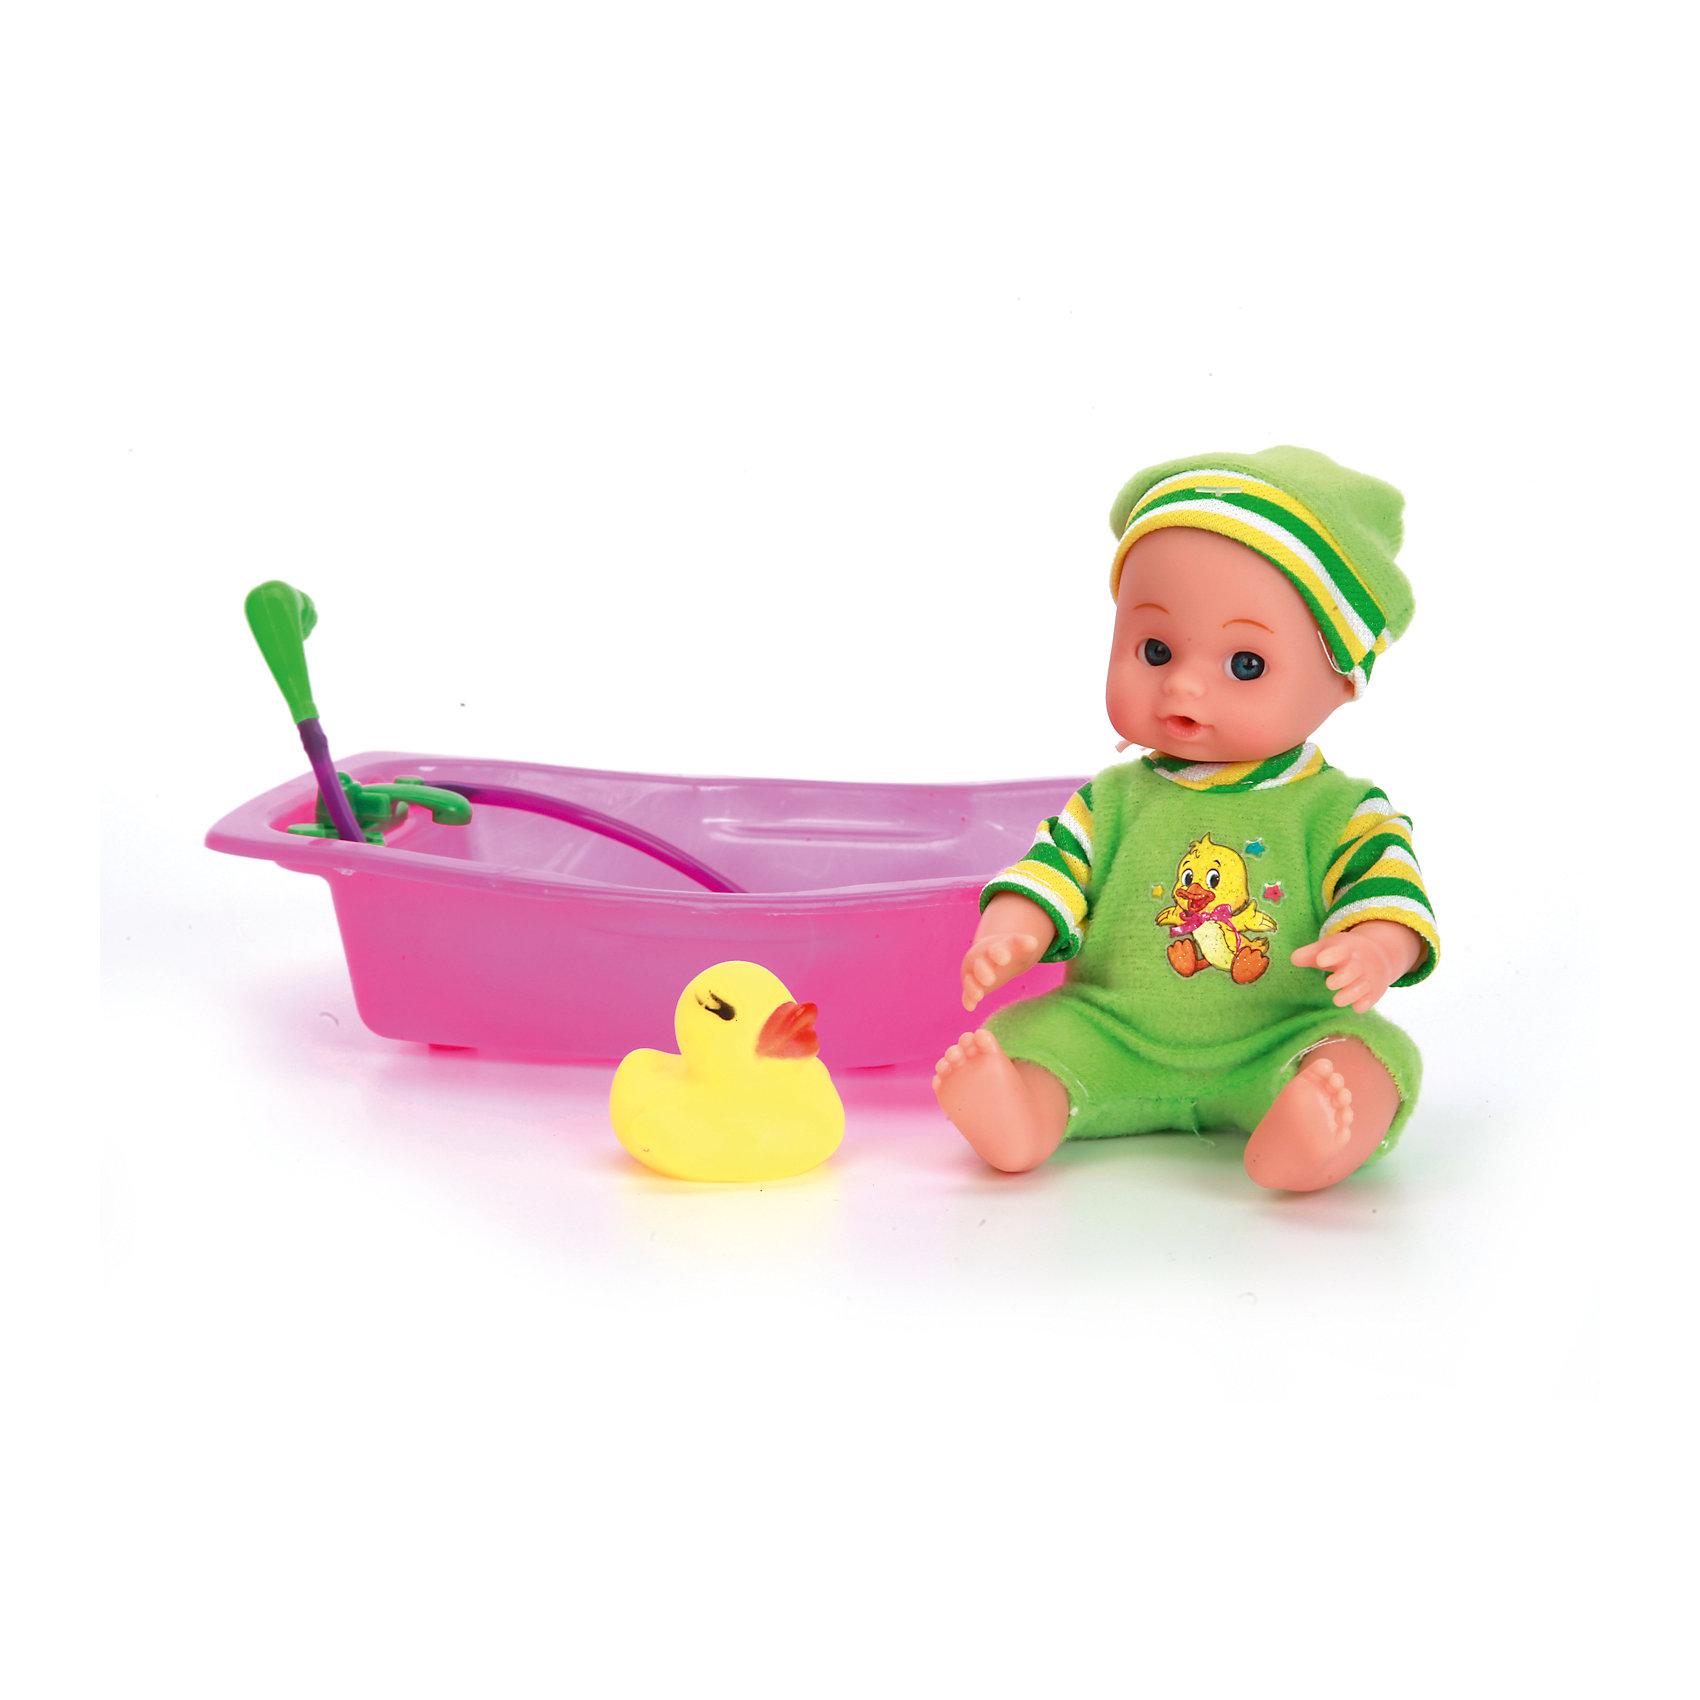 Пупс 15 см, 3 функции, в ванночке, с аксессуарами, КарапузИнтерактивные куклы<br>Игрушка выполнена в виде реалистичного малыша с выразительными голубыми глазками, пухлыми губками и вздернутым носиком. Пупс одет очень красиво: на нем теплый свитер, мягкие штанишки с белыми носочками, а на голове у него - мягкая шапочках той же цветовой гаммы, что и костюмчик. Игрушка умеет реалистично писать в горшок, если ее сначала напоить водичкой из бутылочки, предусмотренной в комплекте. У пупса подвижные ручки и ножки, поэтому ему можно придавать самые разнообразные позы в процессе игры. Тело игрушки полностью выполнено из пластика, что позволяет малышкам купать любимца в ванной, предусмотренной в комплекте, или брать его с собой во время купания.<br><br>Ширина мм: 56<br>Глубина мм: 85<br>Высота мм: 36<br>Вес г: 260<br>Возраст от месяцев: 36<br>Возраст до месяцев: 60<br>Пол: Женский<br>Возраст: Детский<br>SKU: 6863979